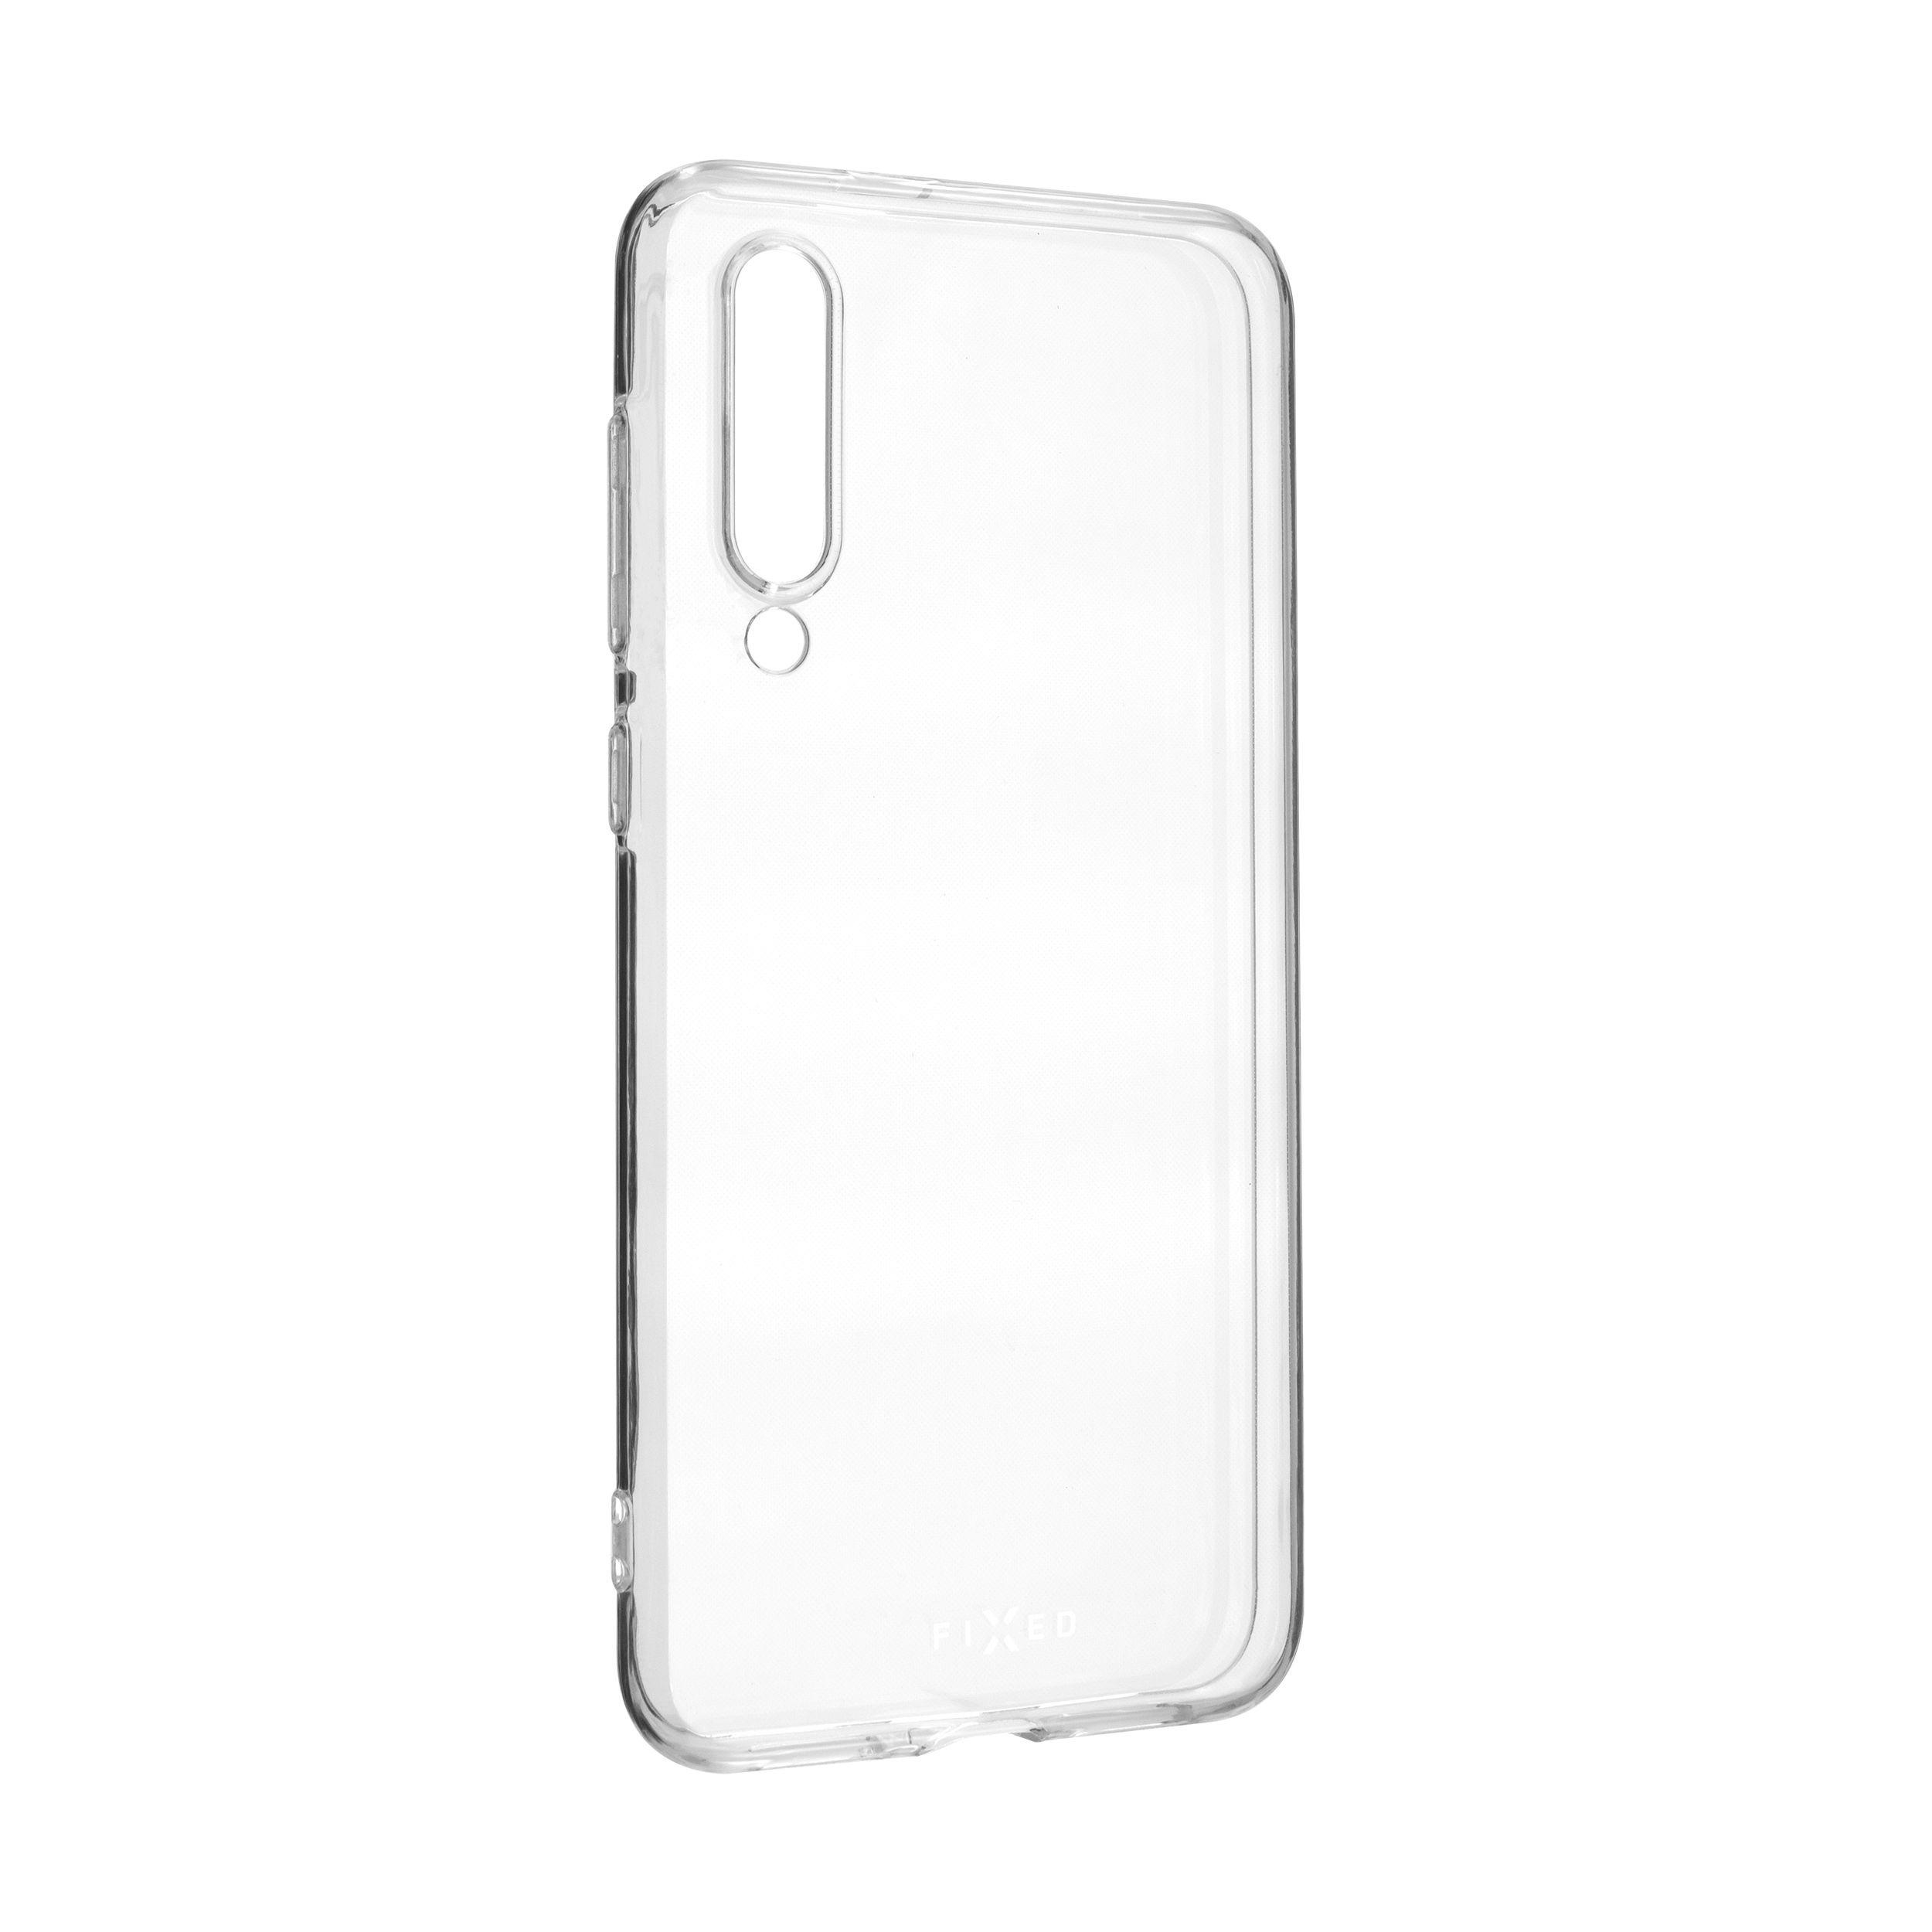 TPU gelové pouzdro FIXED pro Xiaomi Mi9 SE, čiré